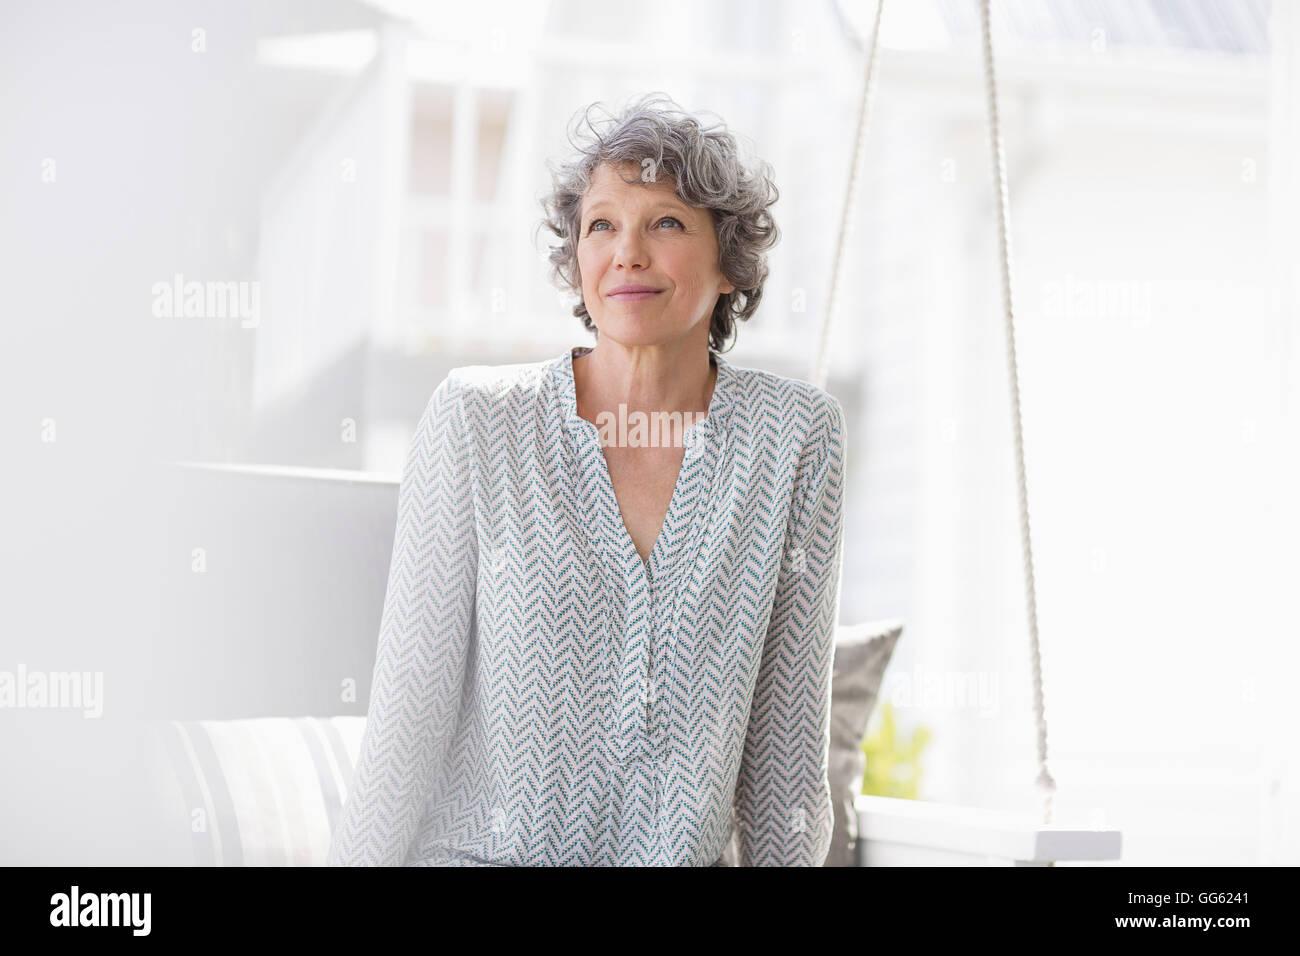 Mujer sentada en un columpio y pensando Imagen De Stock